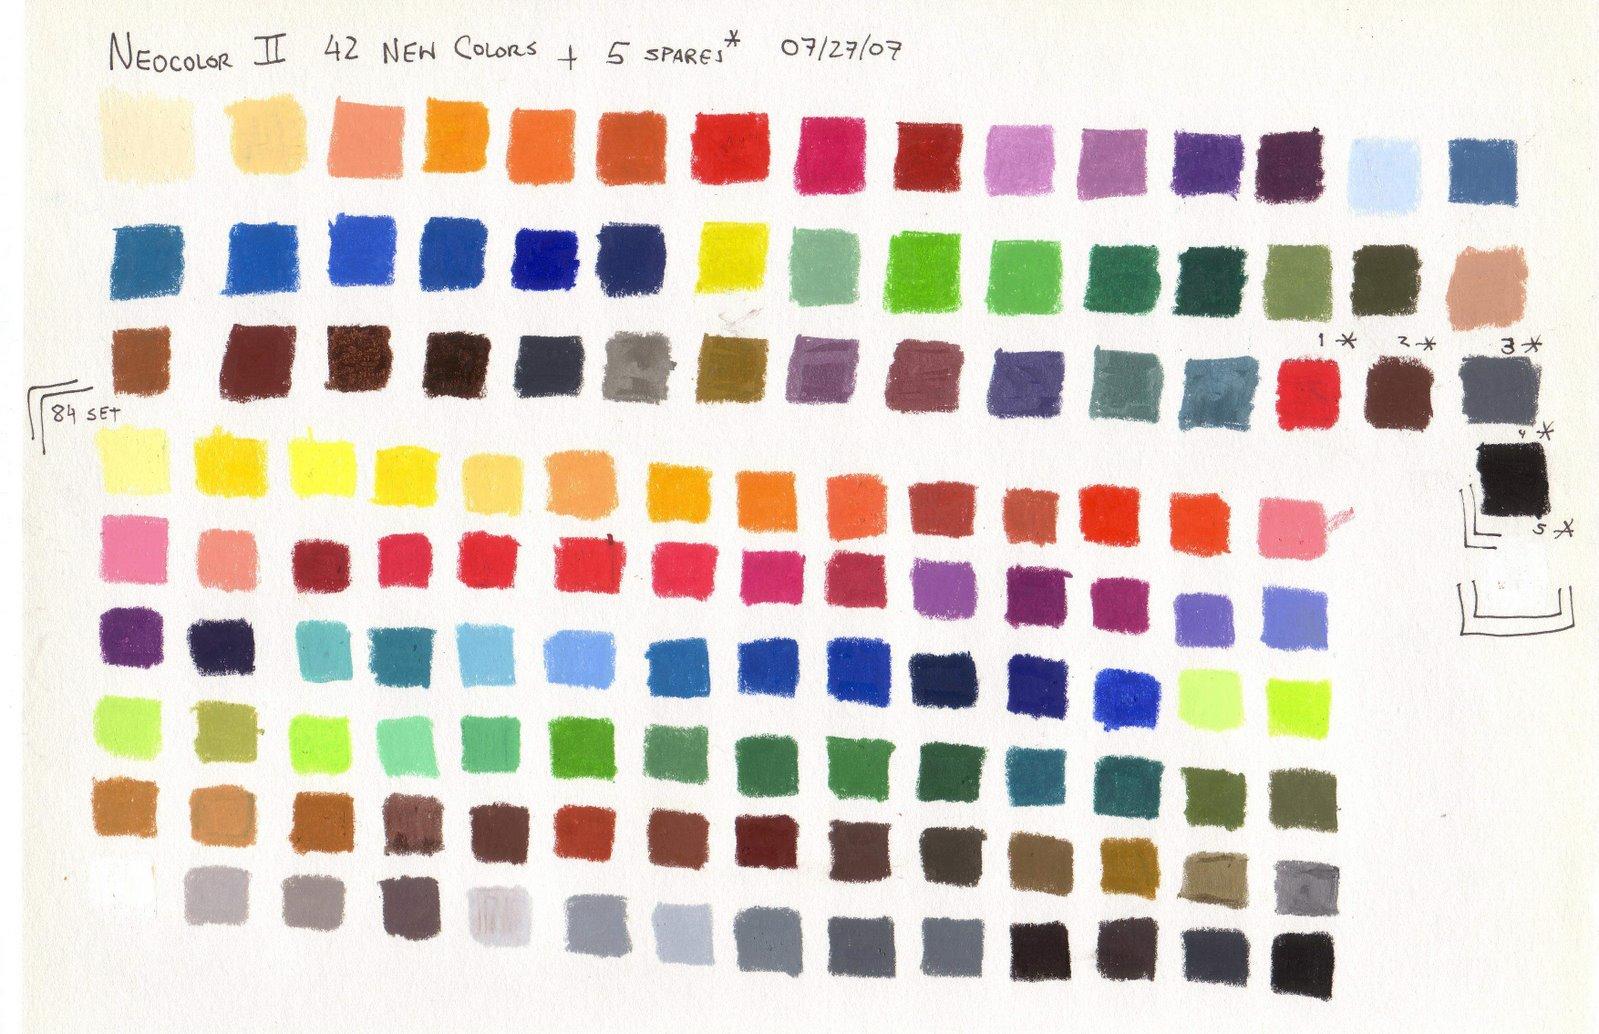 A few color charts and zelda fan art art supplies reviews and a few color charts and zelda fan art nvjuhfo Images